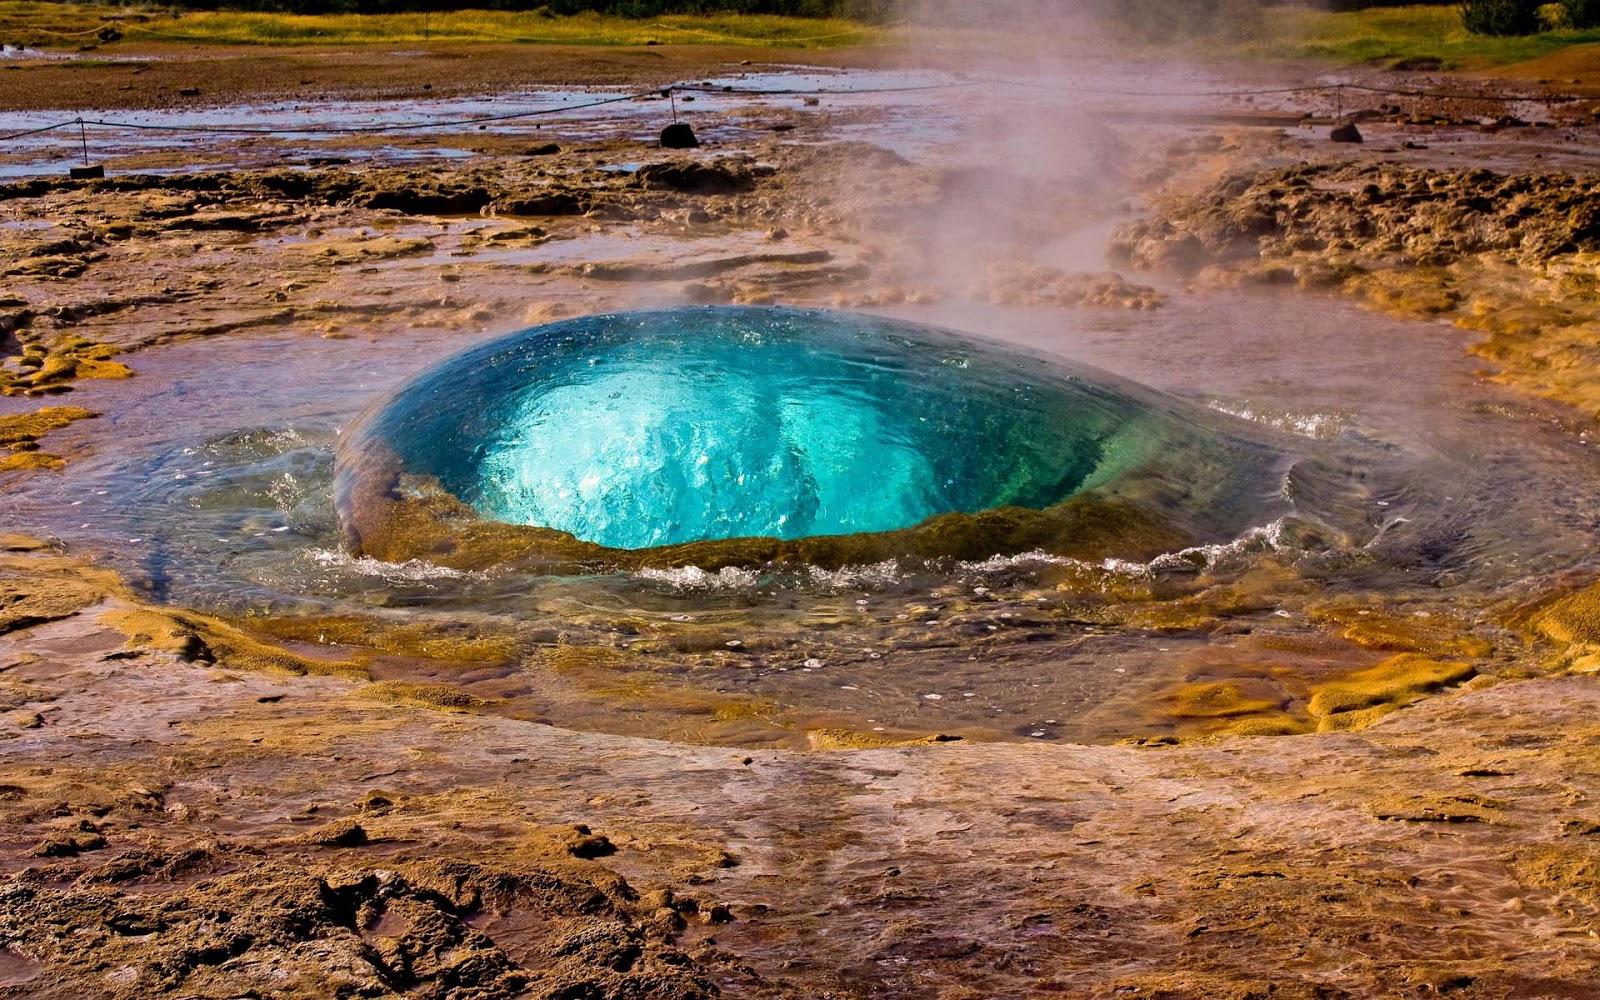 Strokkur, Islanda: uno dei più spettacolari e fotografati geyser del mondo [FOTO]